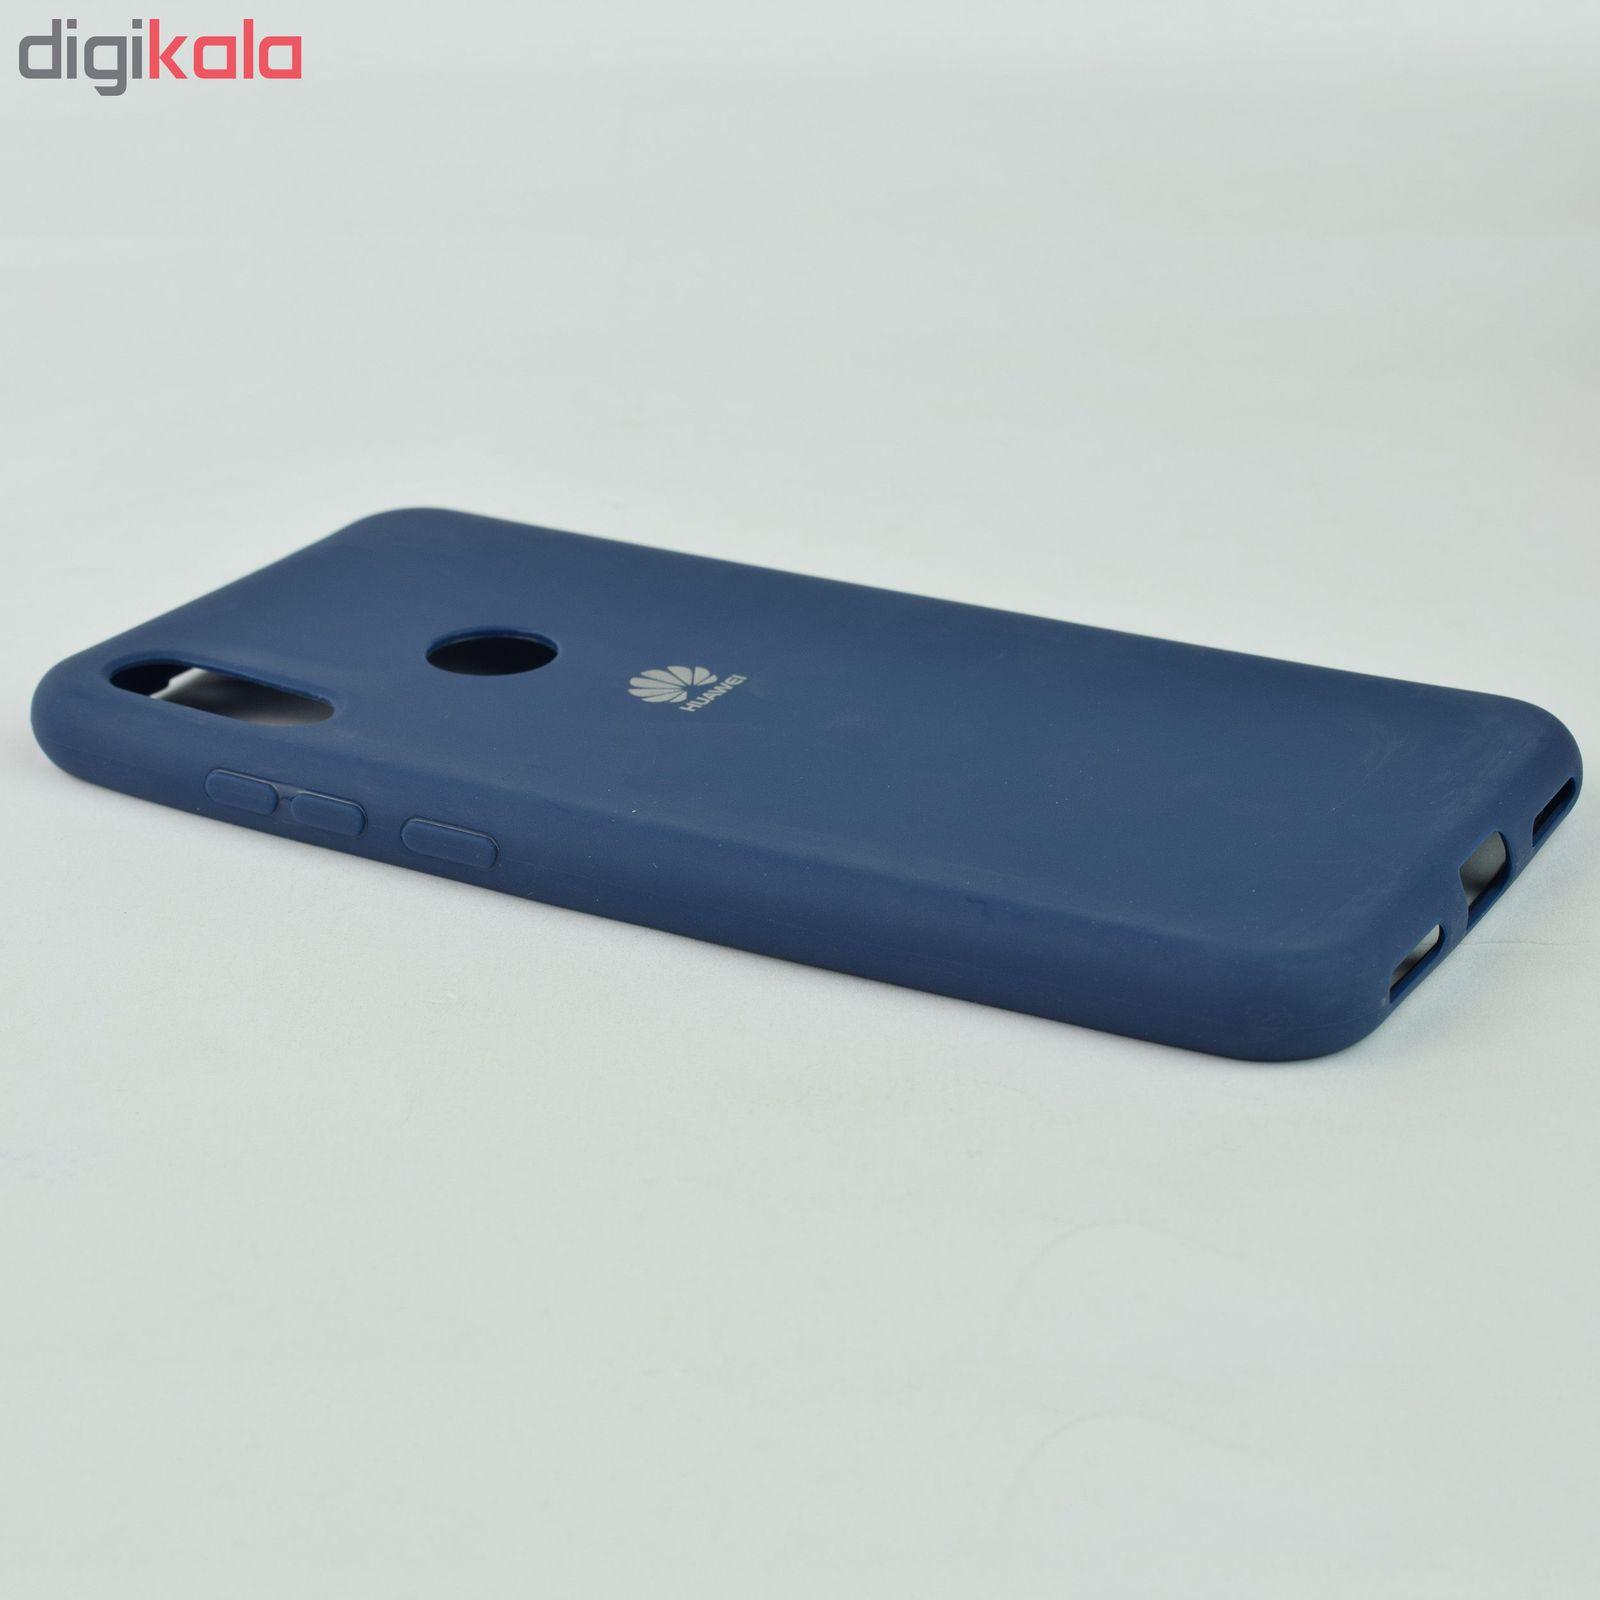 کاور مدل SC20 مناسب برای گوشی موبایل هوآوی Y6 Prime 2019 main 1 7